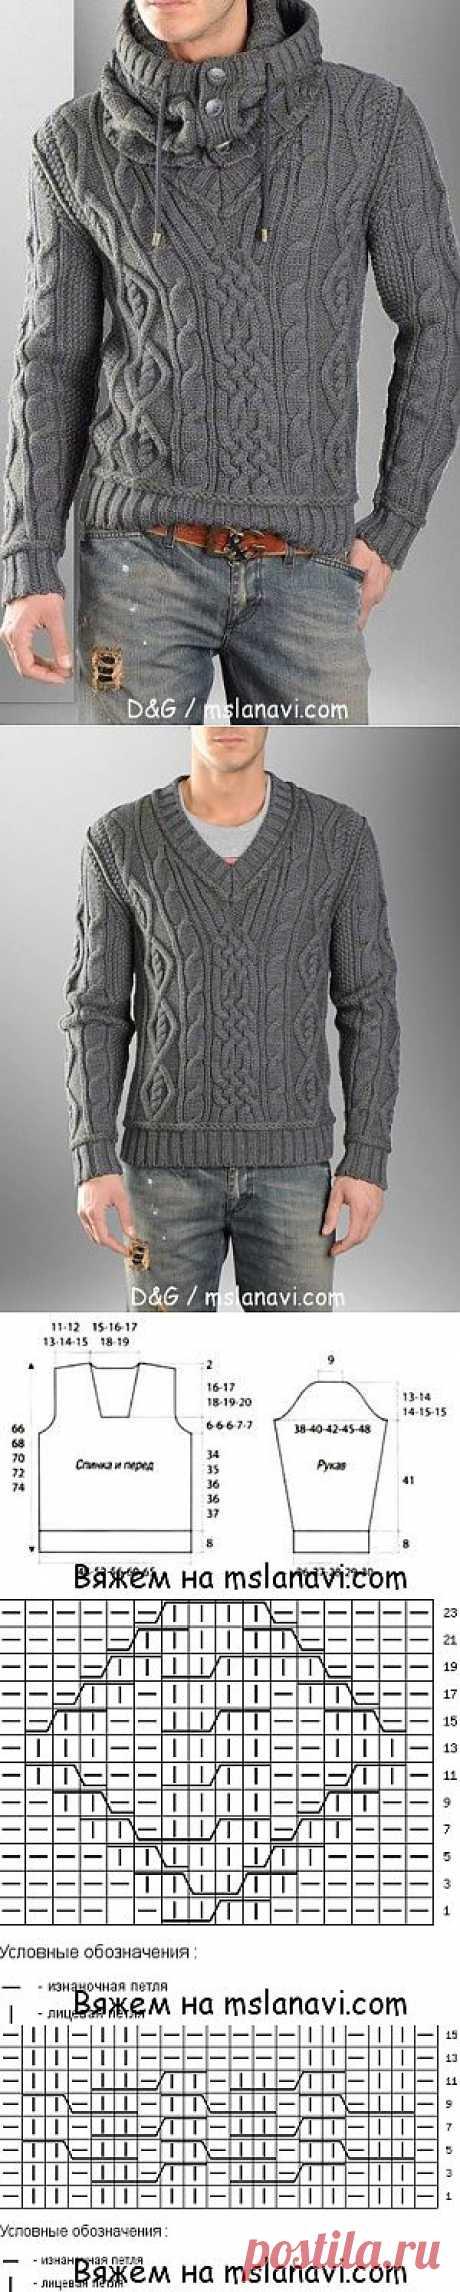 Мужской пуловер спицами от D&G   Вяжем с Ланой